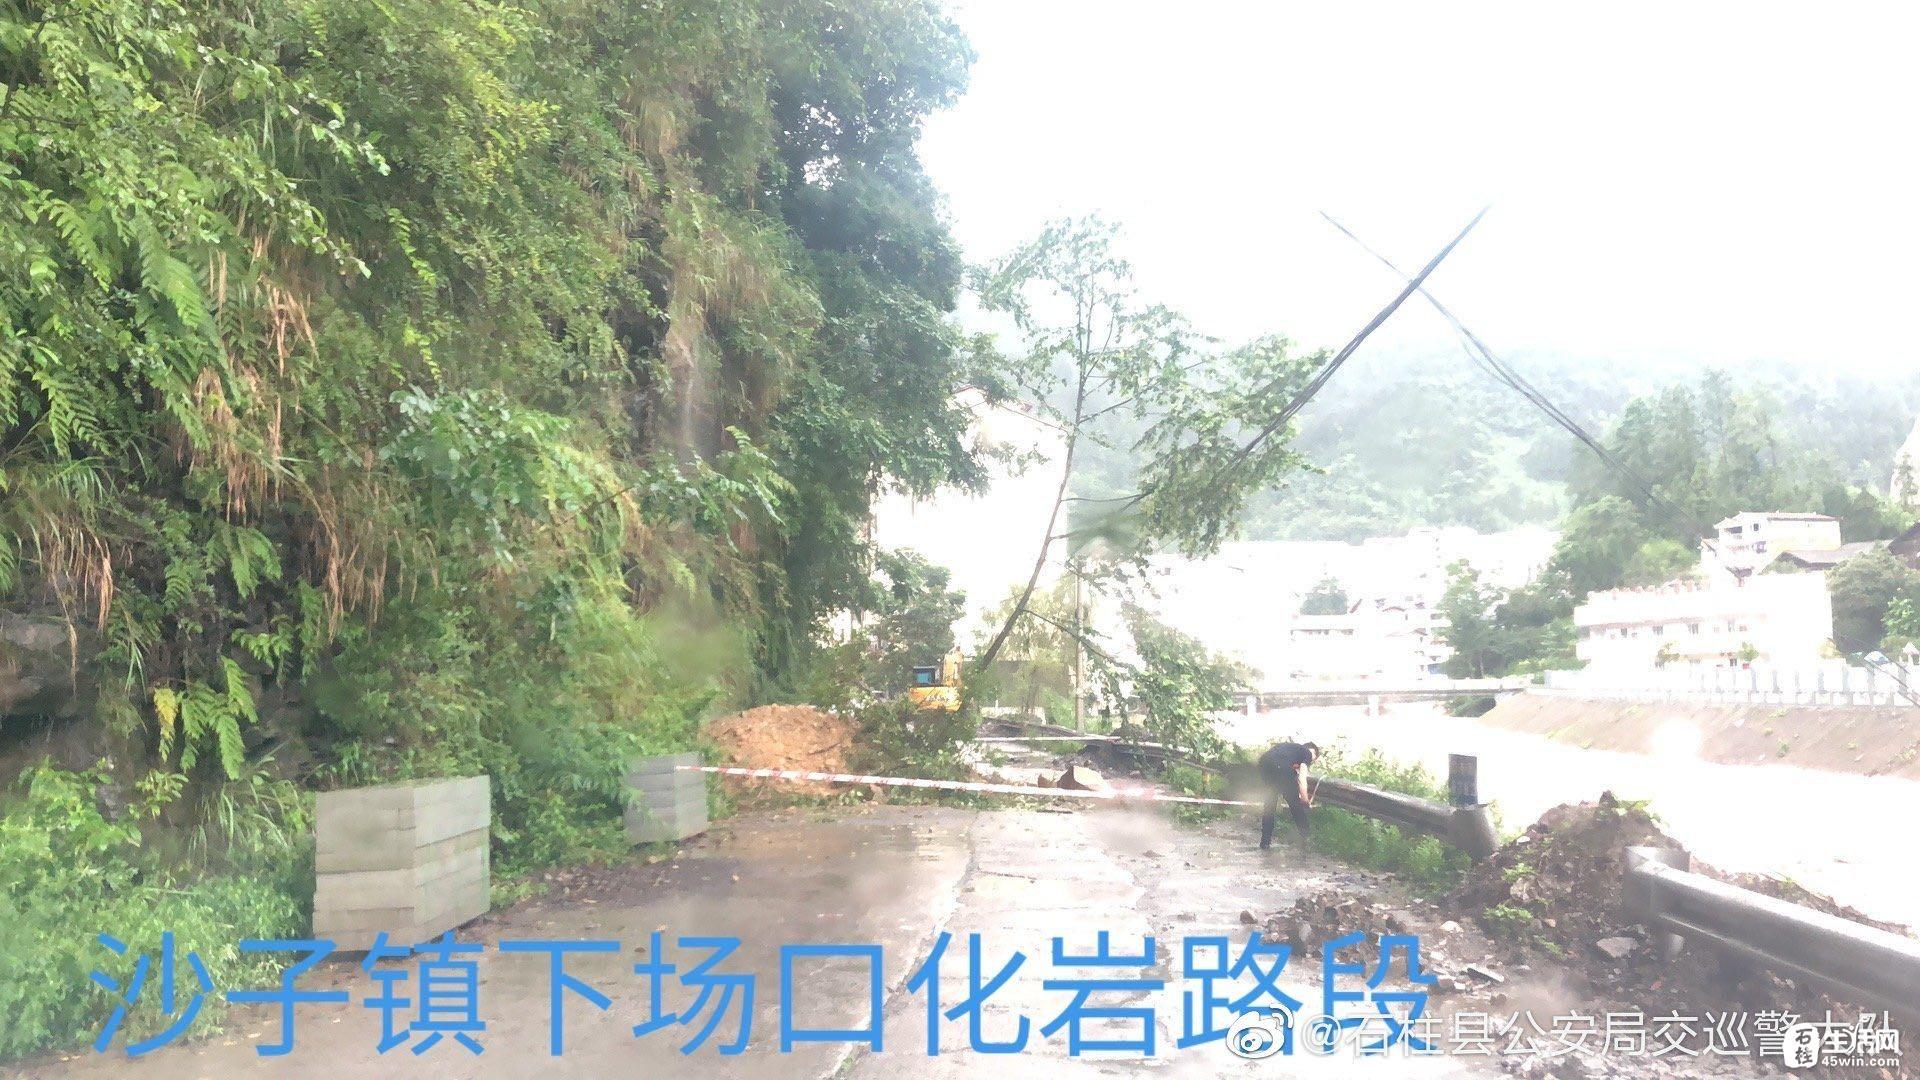 石柱辖区以下道路有滑坡、倒树、漫水,目前已封路请绕行